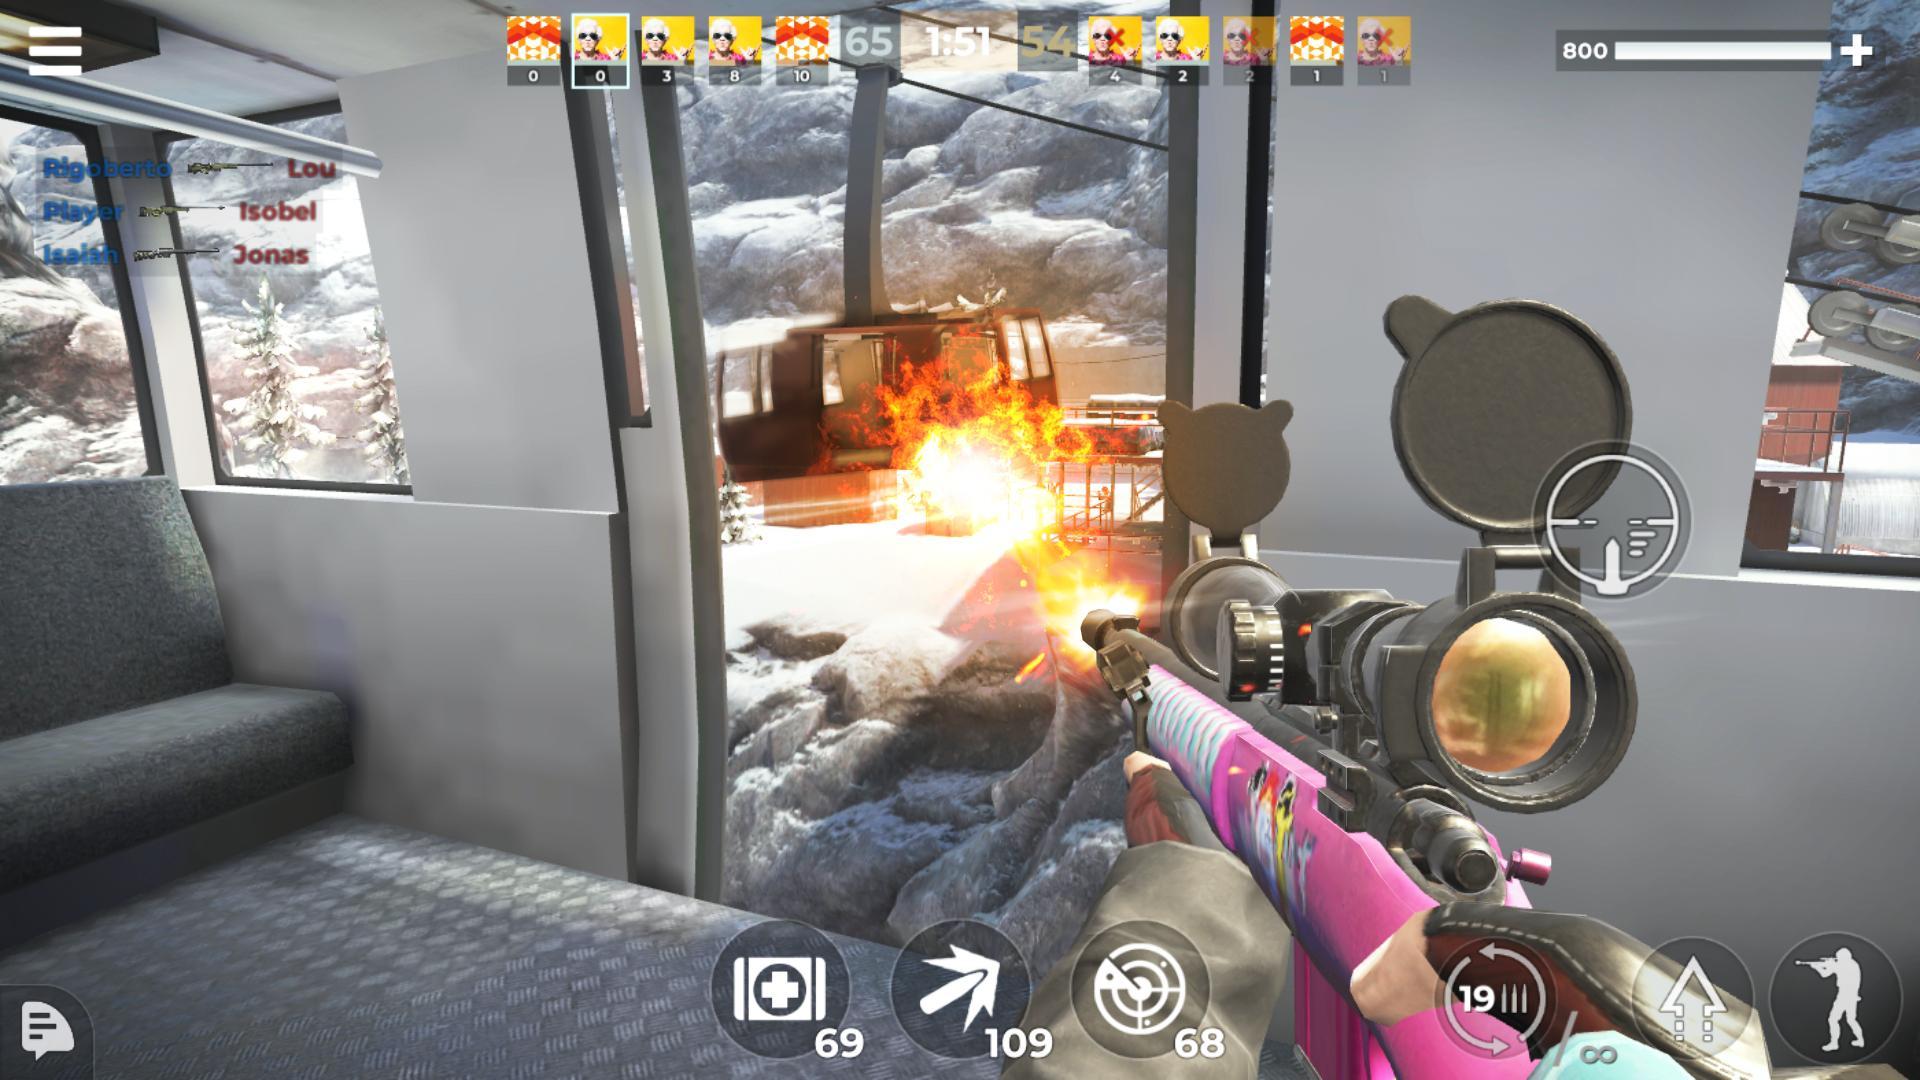 《AWP 模式》:精英级在线 3D 狙击动作游戏 游戏截图5